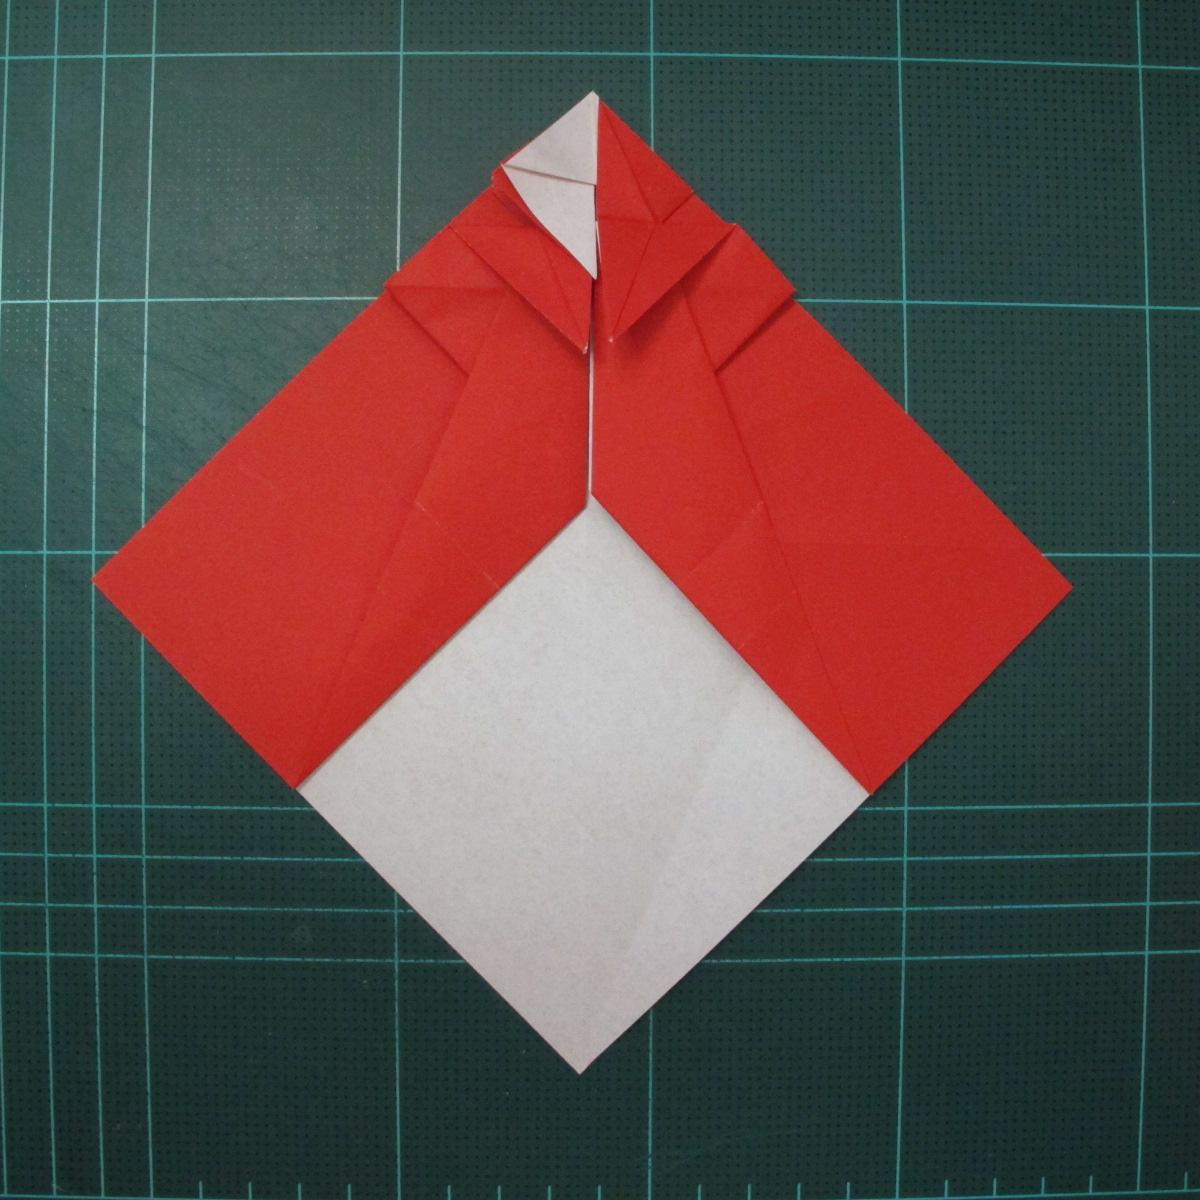 การพับกระดาษเป็นรูปสัตว์ประหลาดก็อตซิล่า (Origami Gozzila) 024